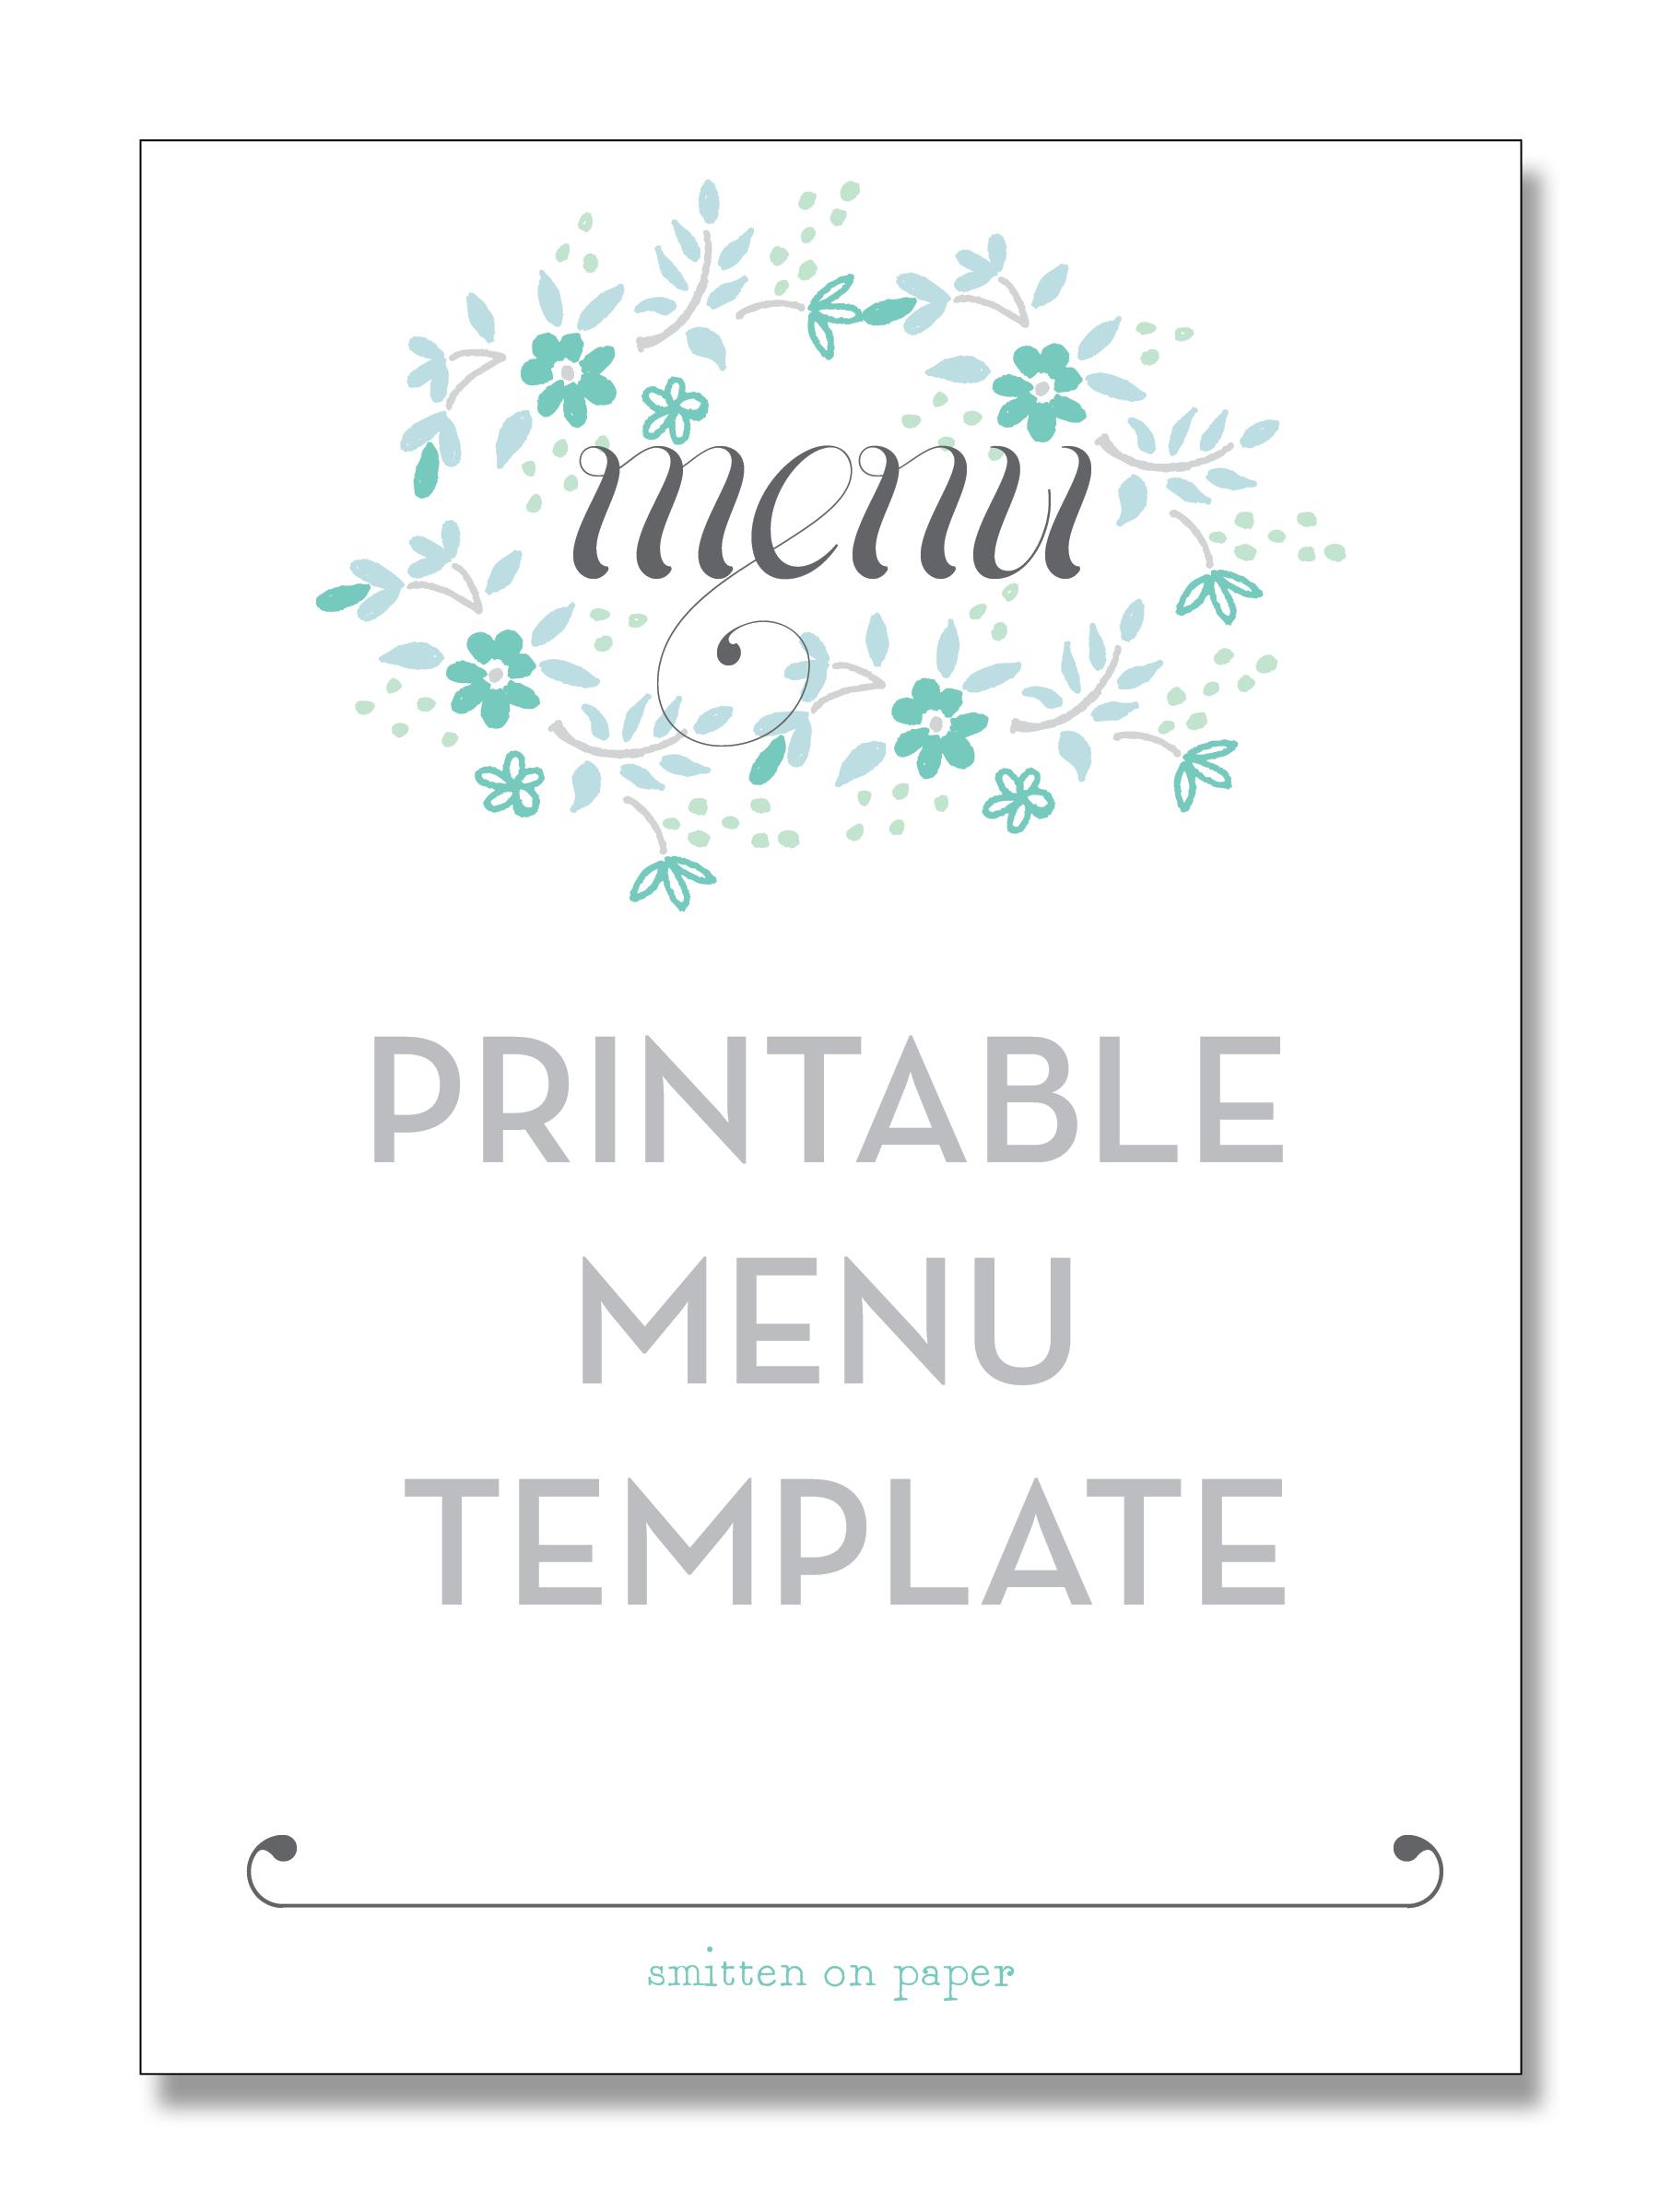 dinner menu templates free – Free Xmas Menu Templates